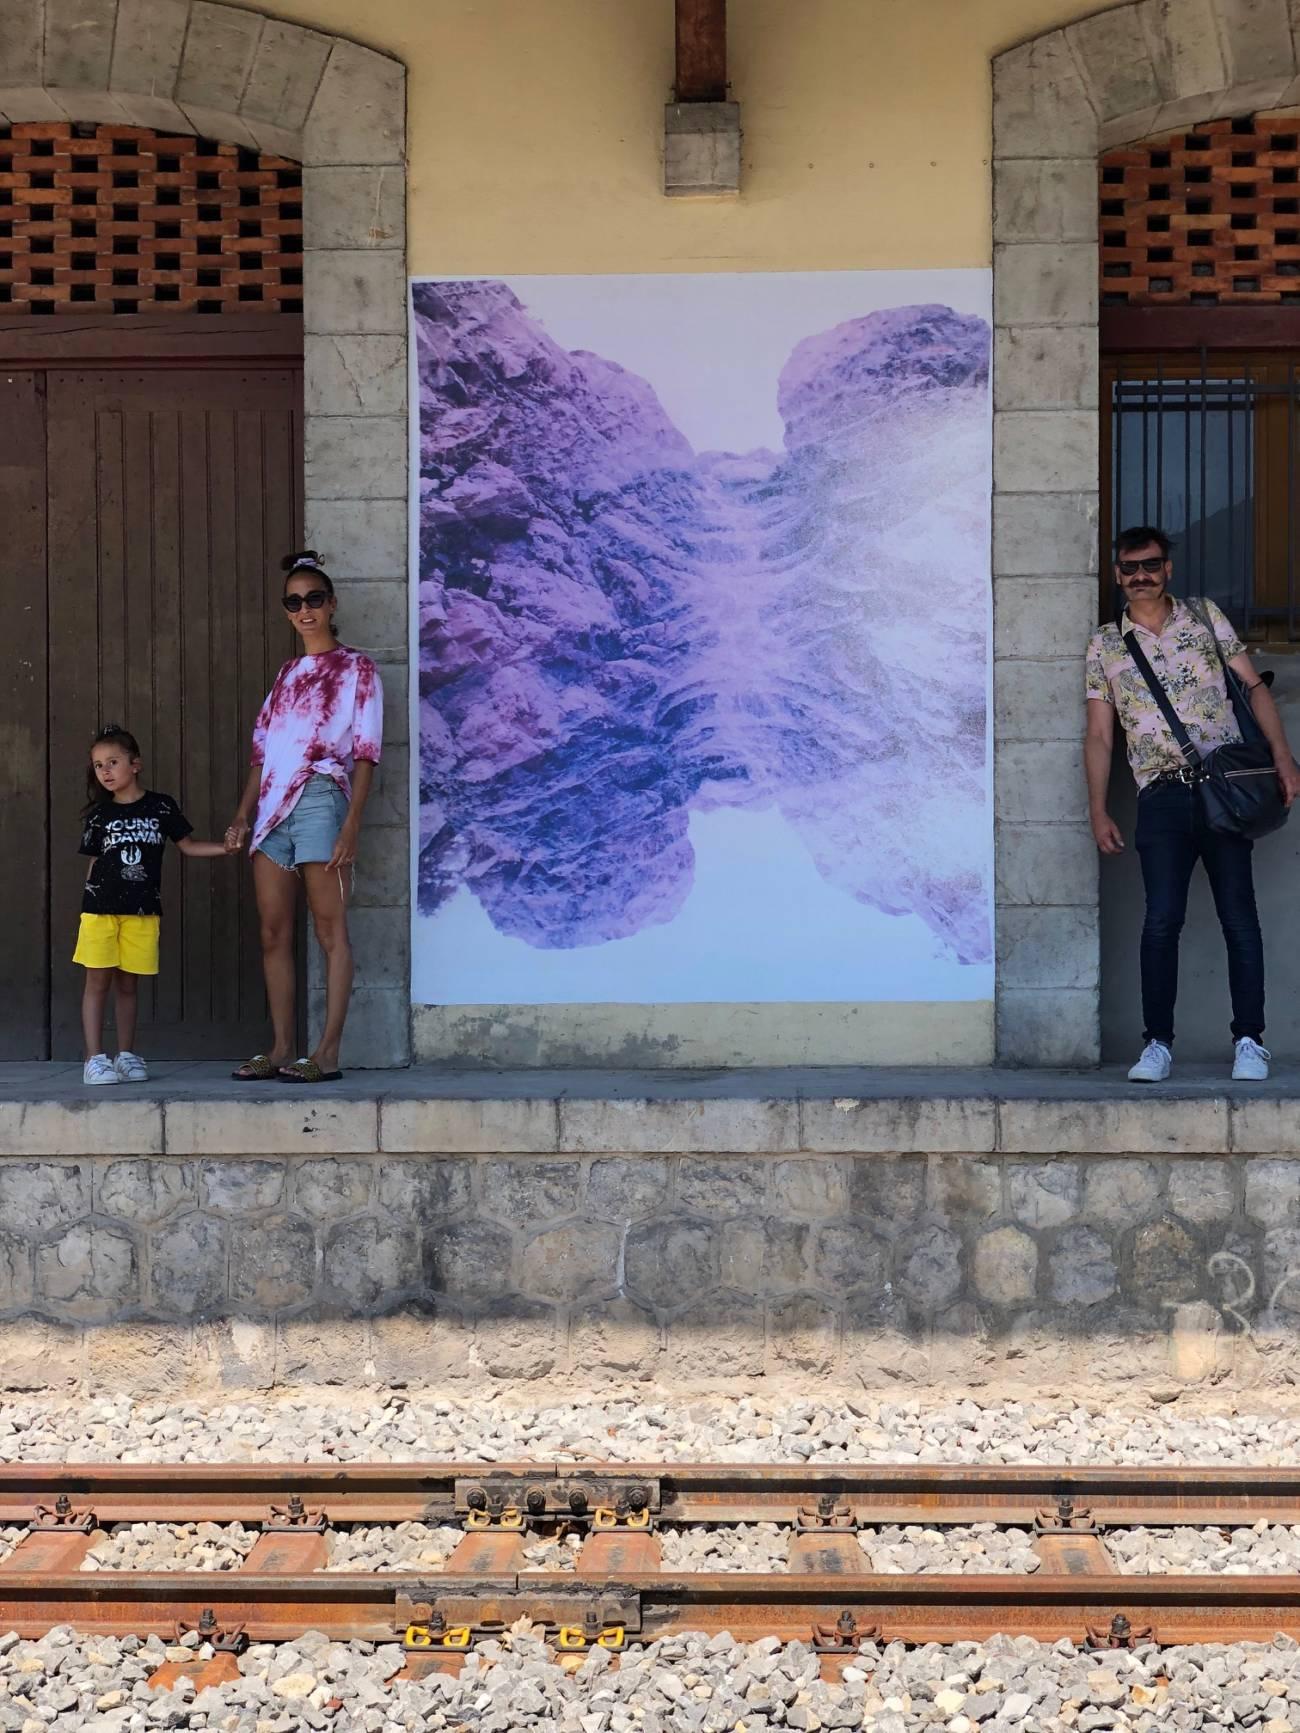 Journal du Train des Pignes - Oeuvre de Sébastien Reuzé à la gare de St André les Alpes © Sébastien Reuzé